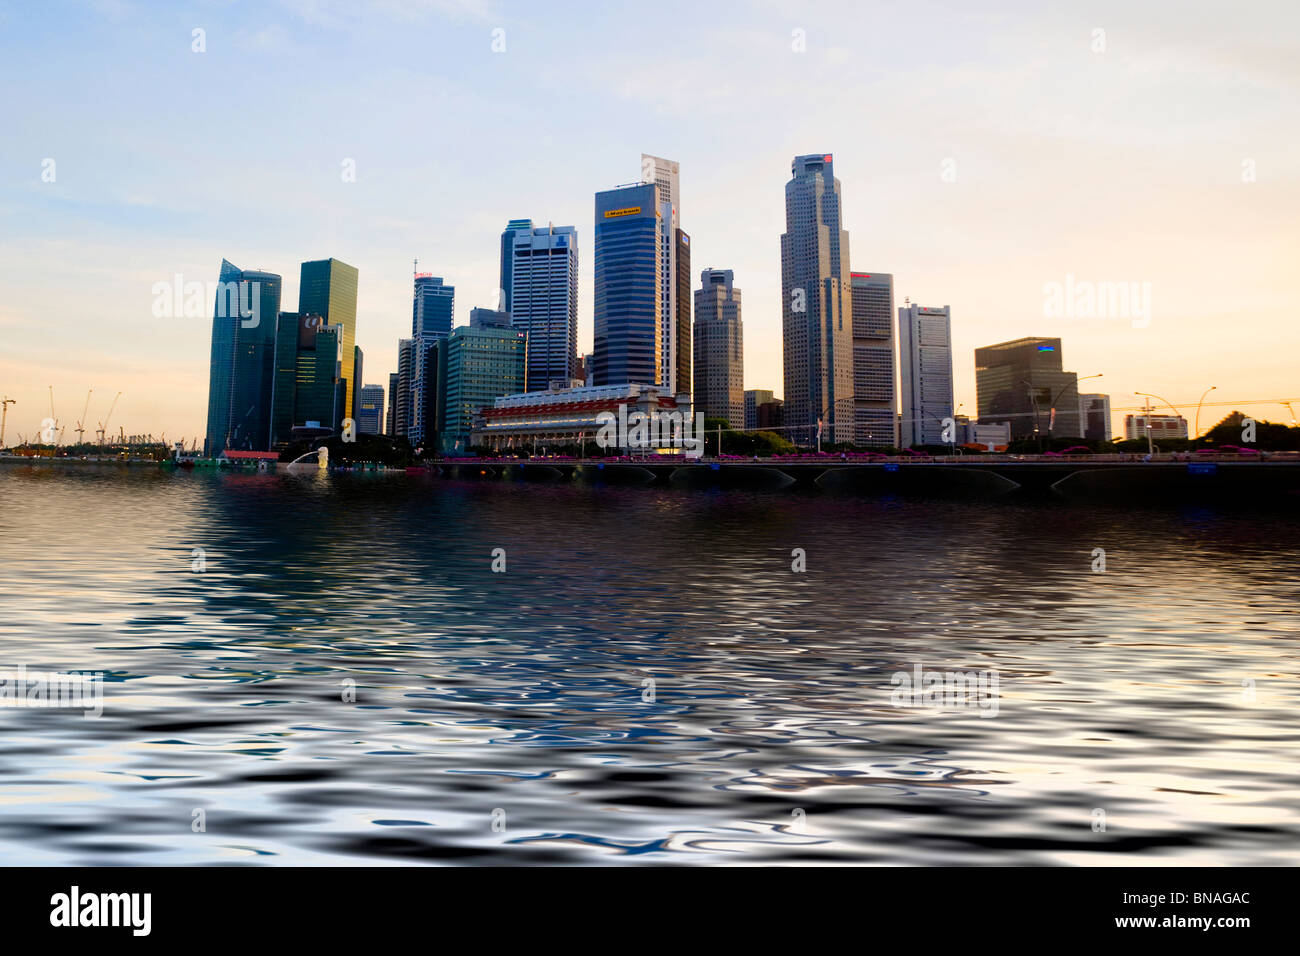 Skyline of Singapore - Stock Image